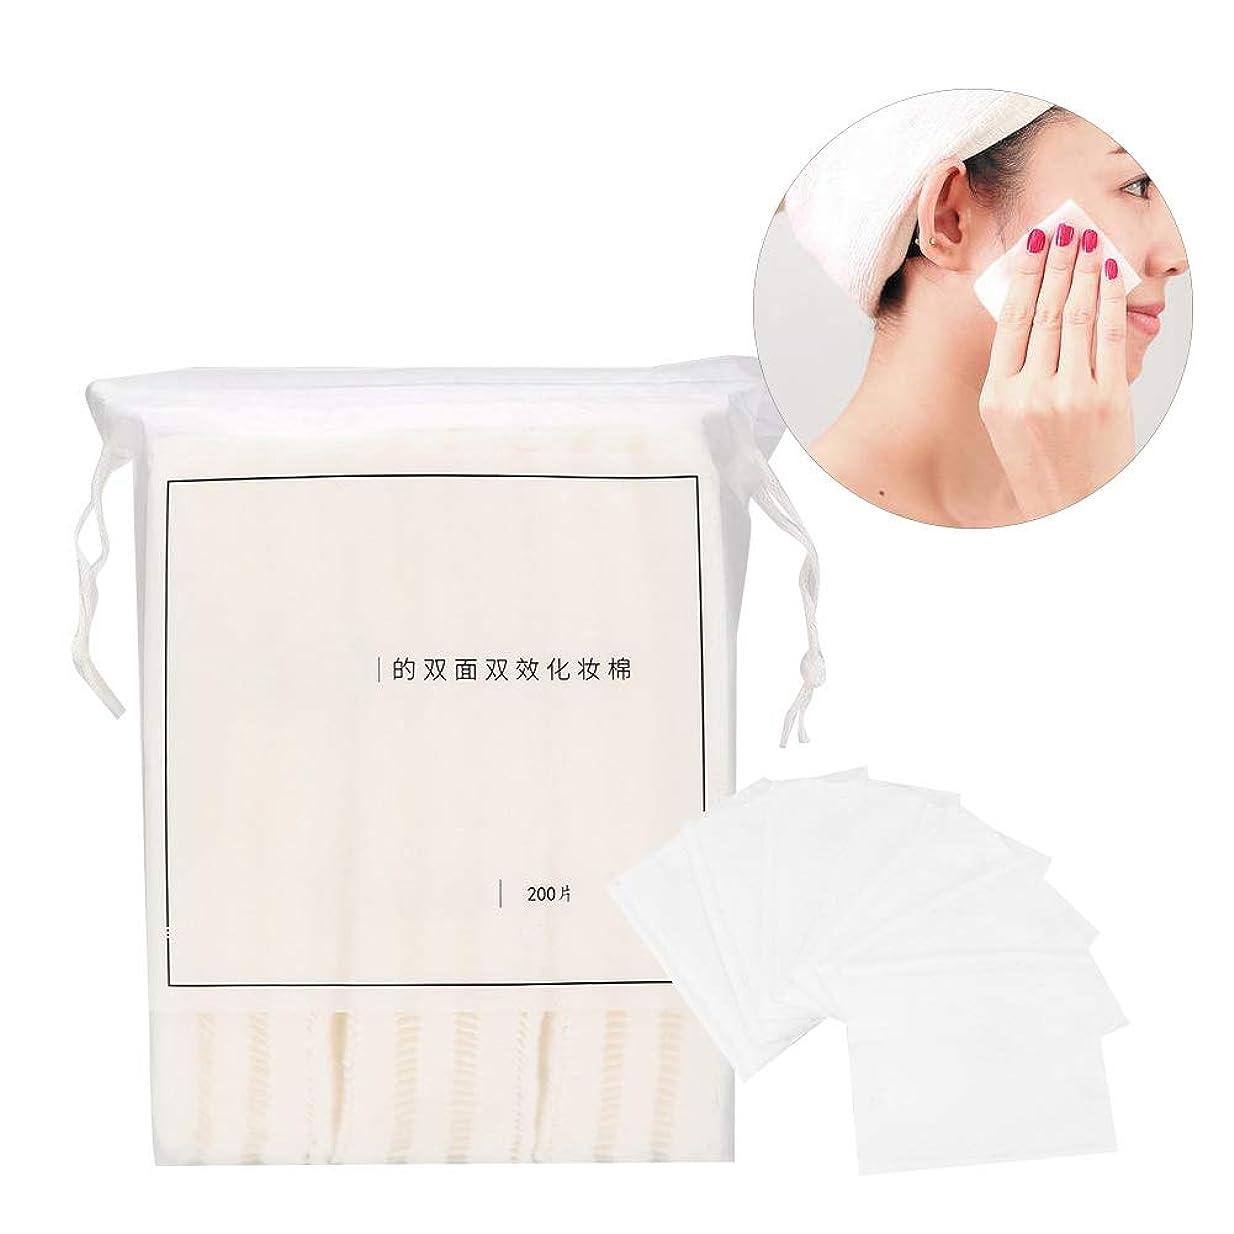 占める線形アーカイブ200個の化粧落としパッド、肌の角質除去とネイルケアのための両面と乾式の湿式デュアルユースコットンパッド、やわらかい涙抵抗の保水化粧品用綿(2)